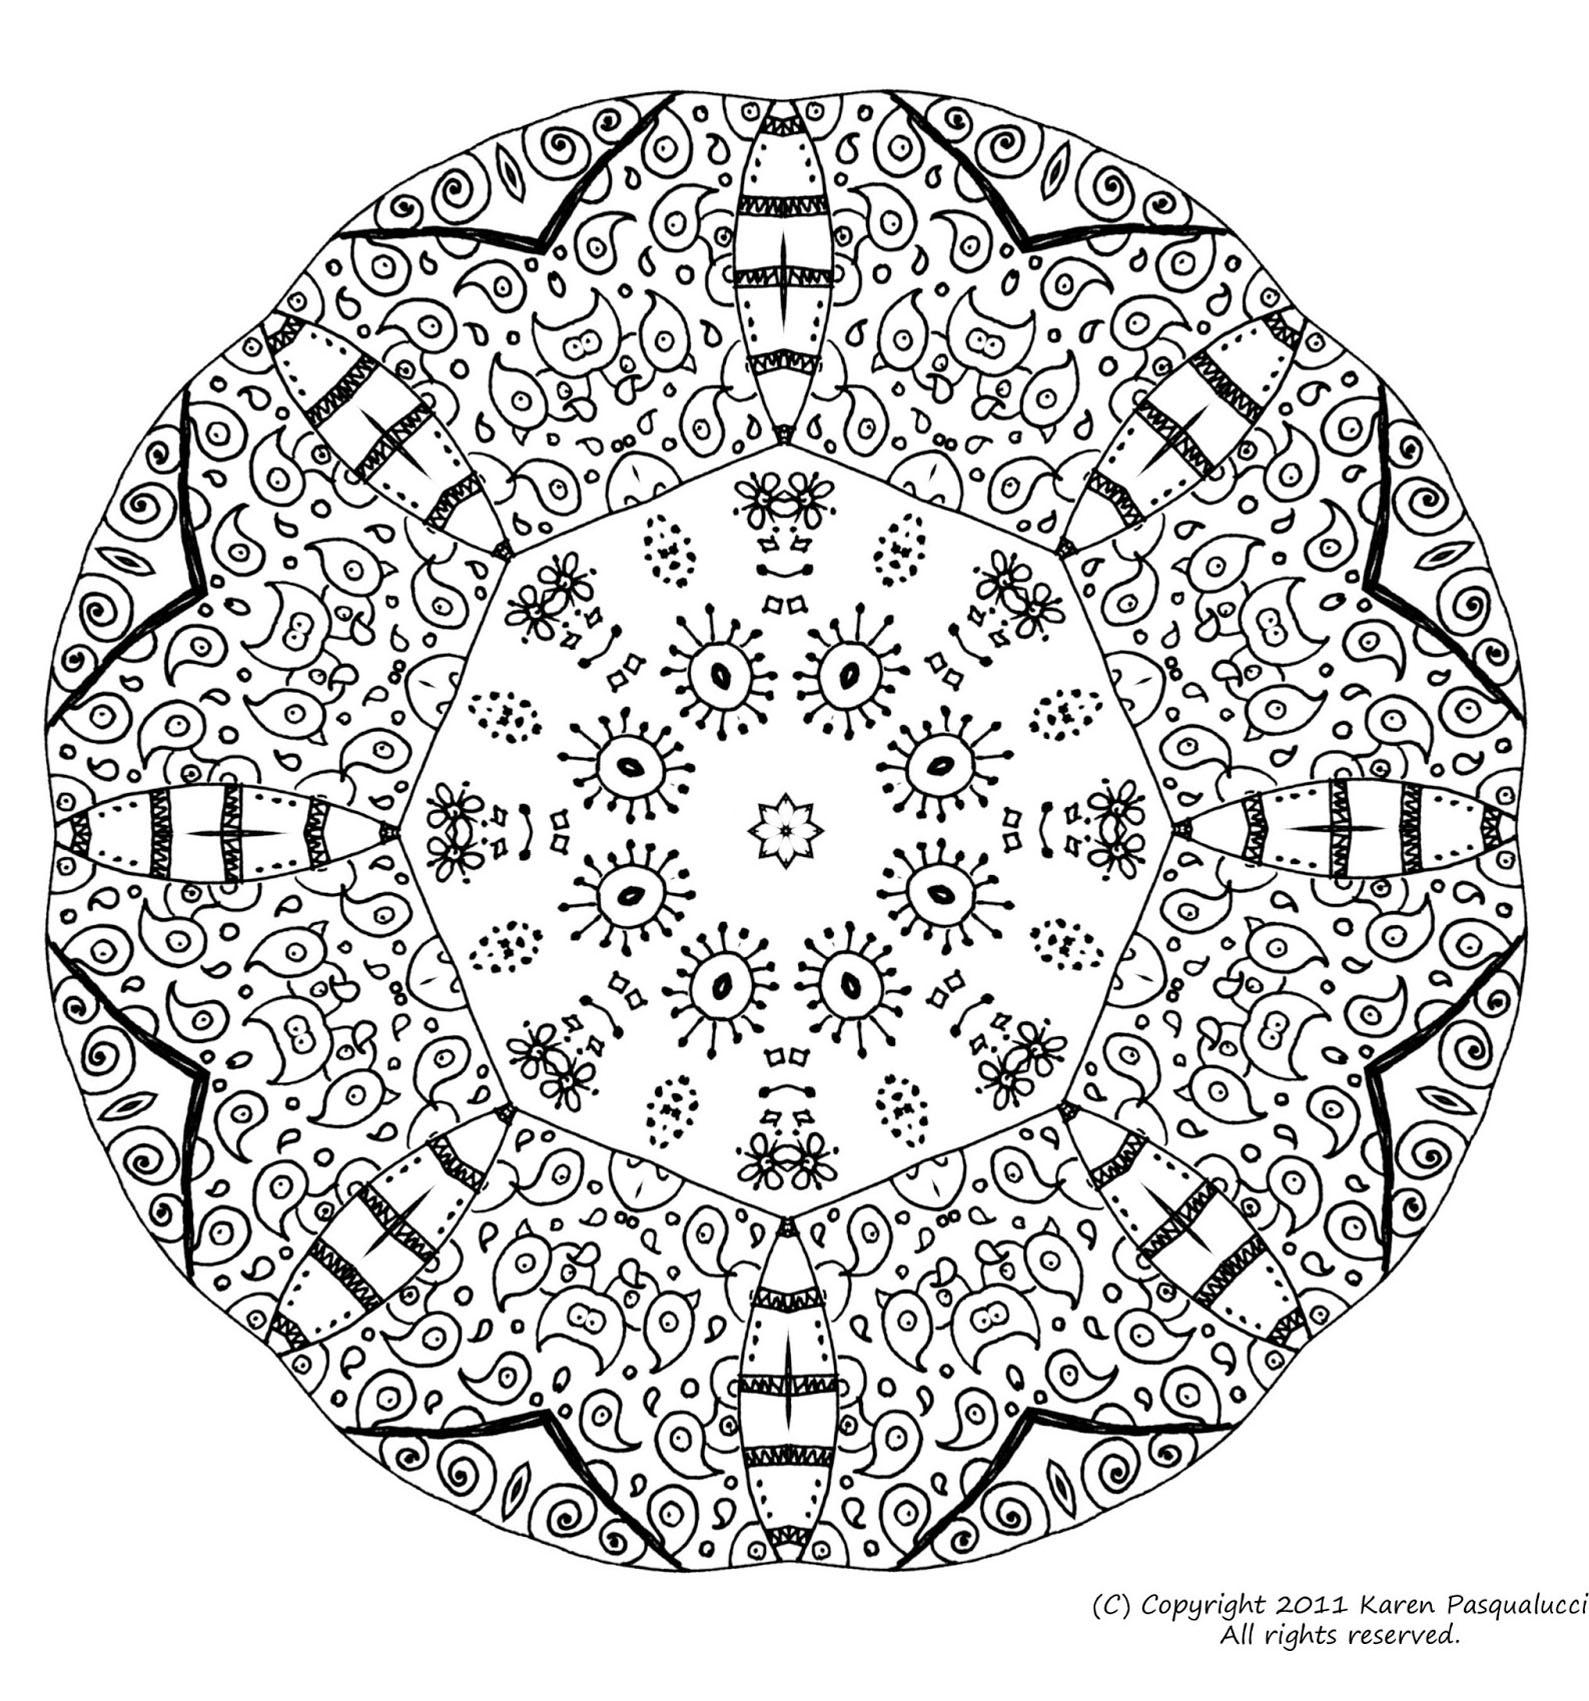 Coloriage De Mandala. Coloriage Mandala Chat Difficile serapportantà Coloriage De Mandala Difficile A Imprimer